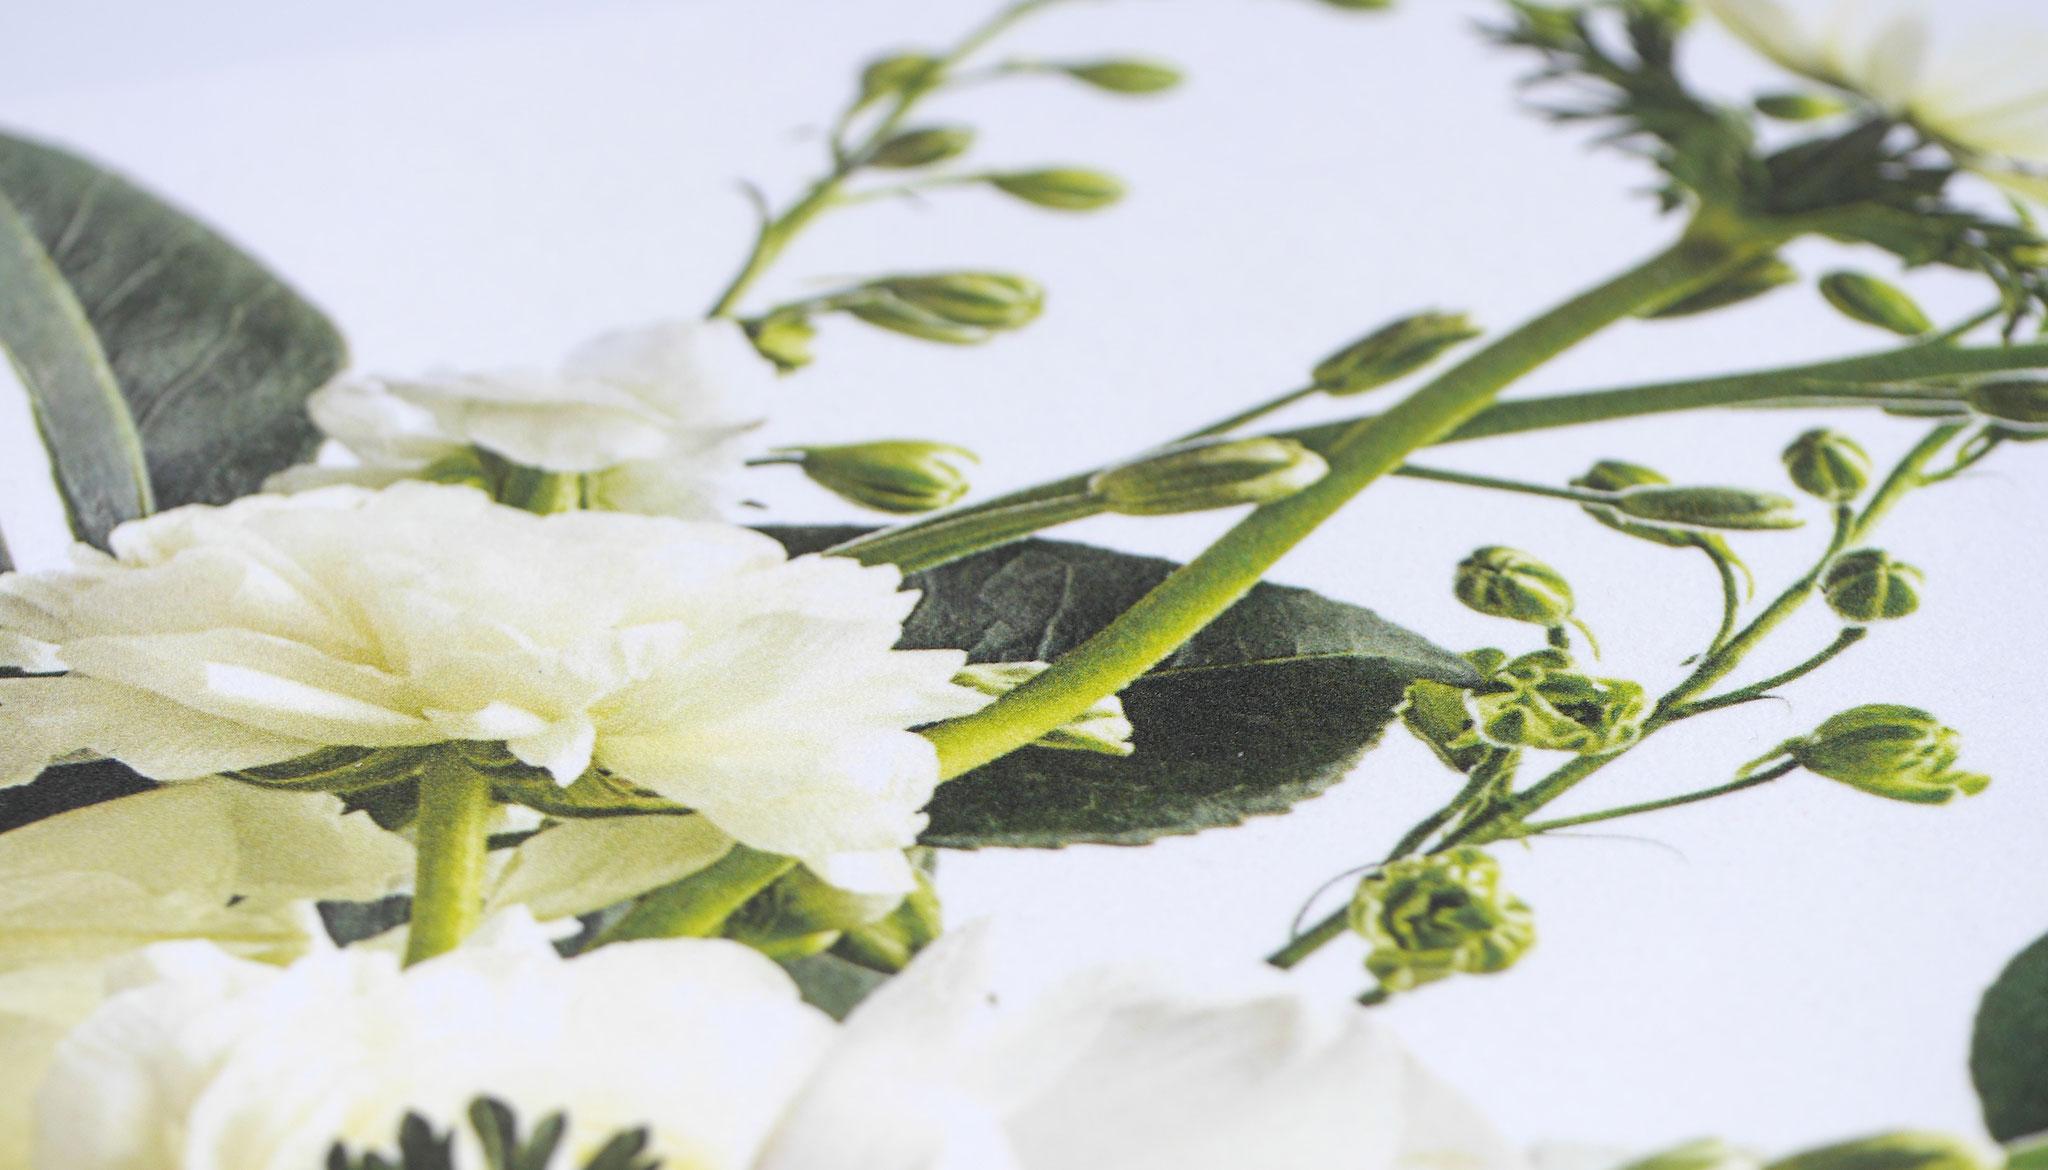 Textile Oberflächen sorgen für eine angenehme Haptik